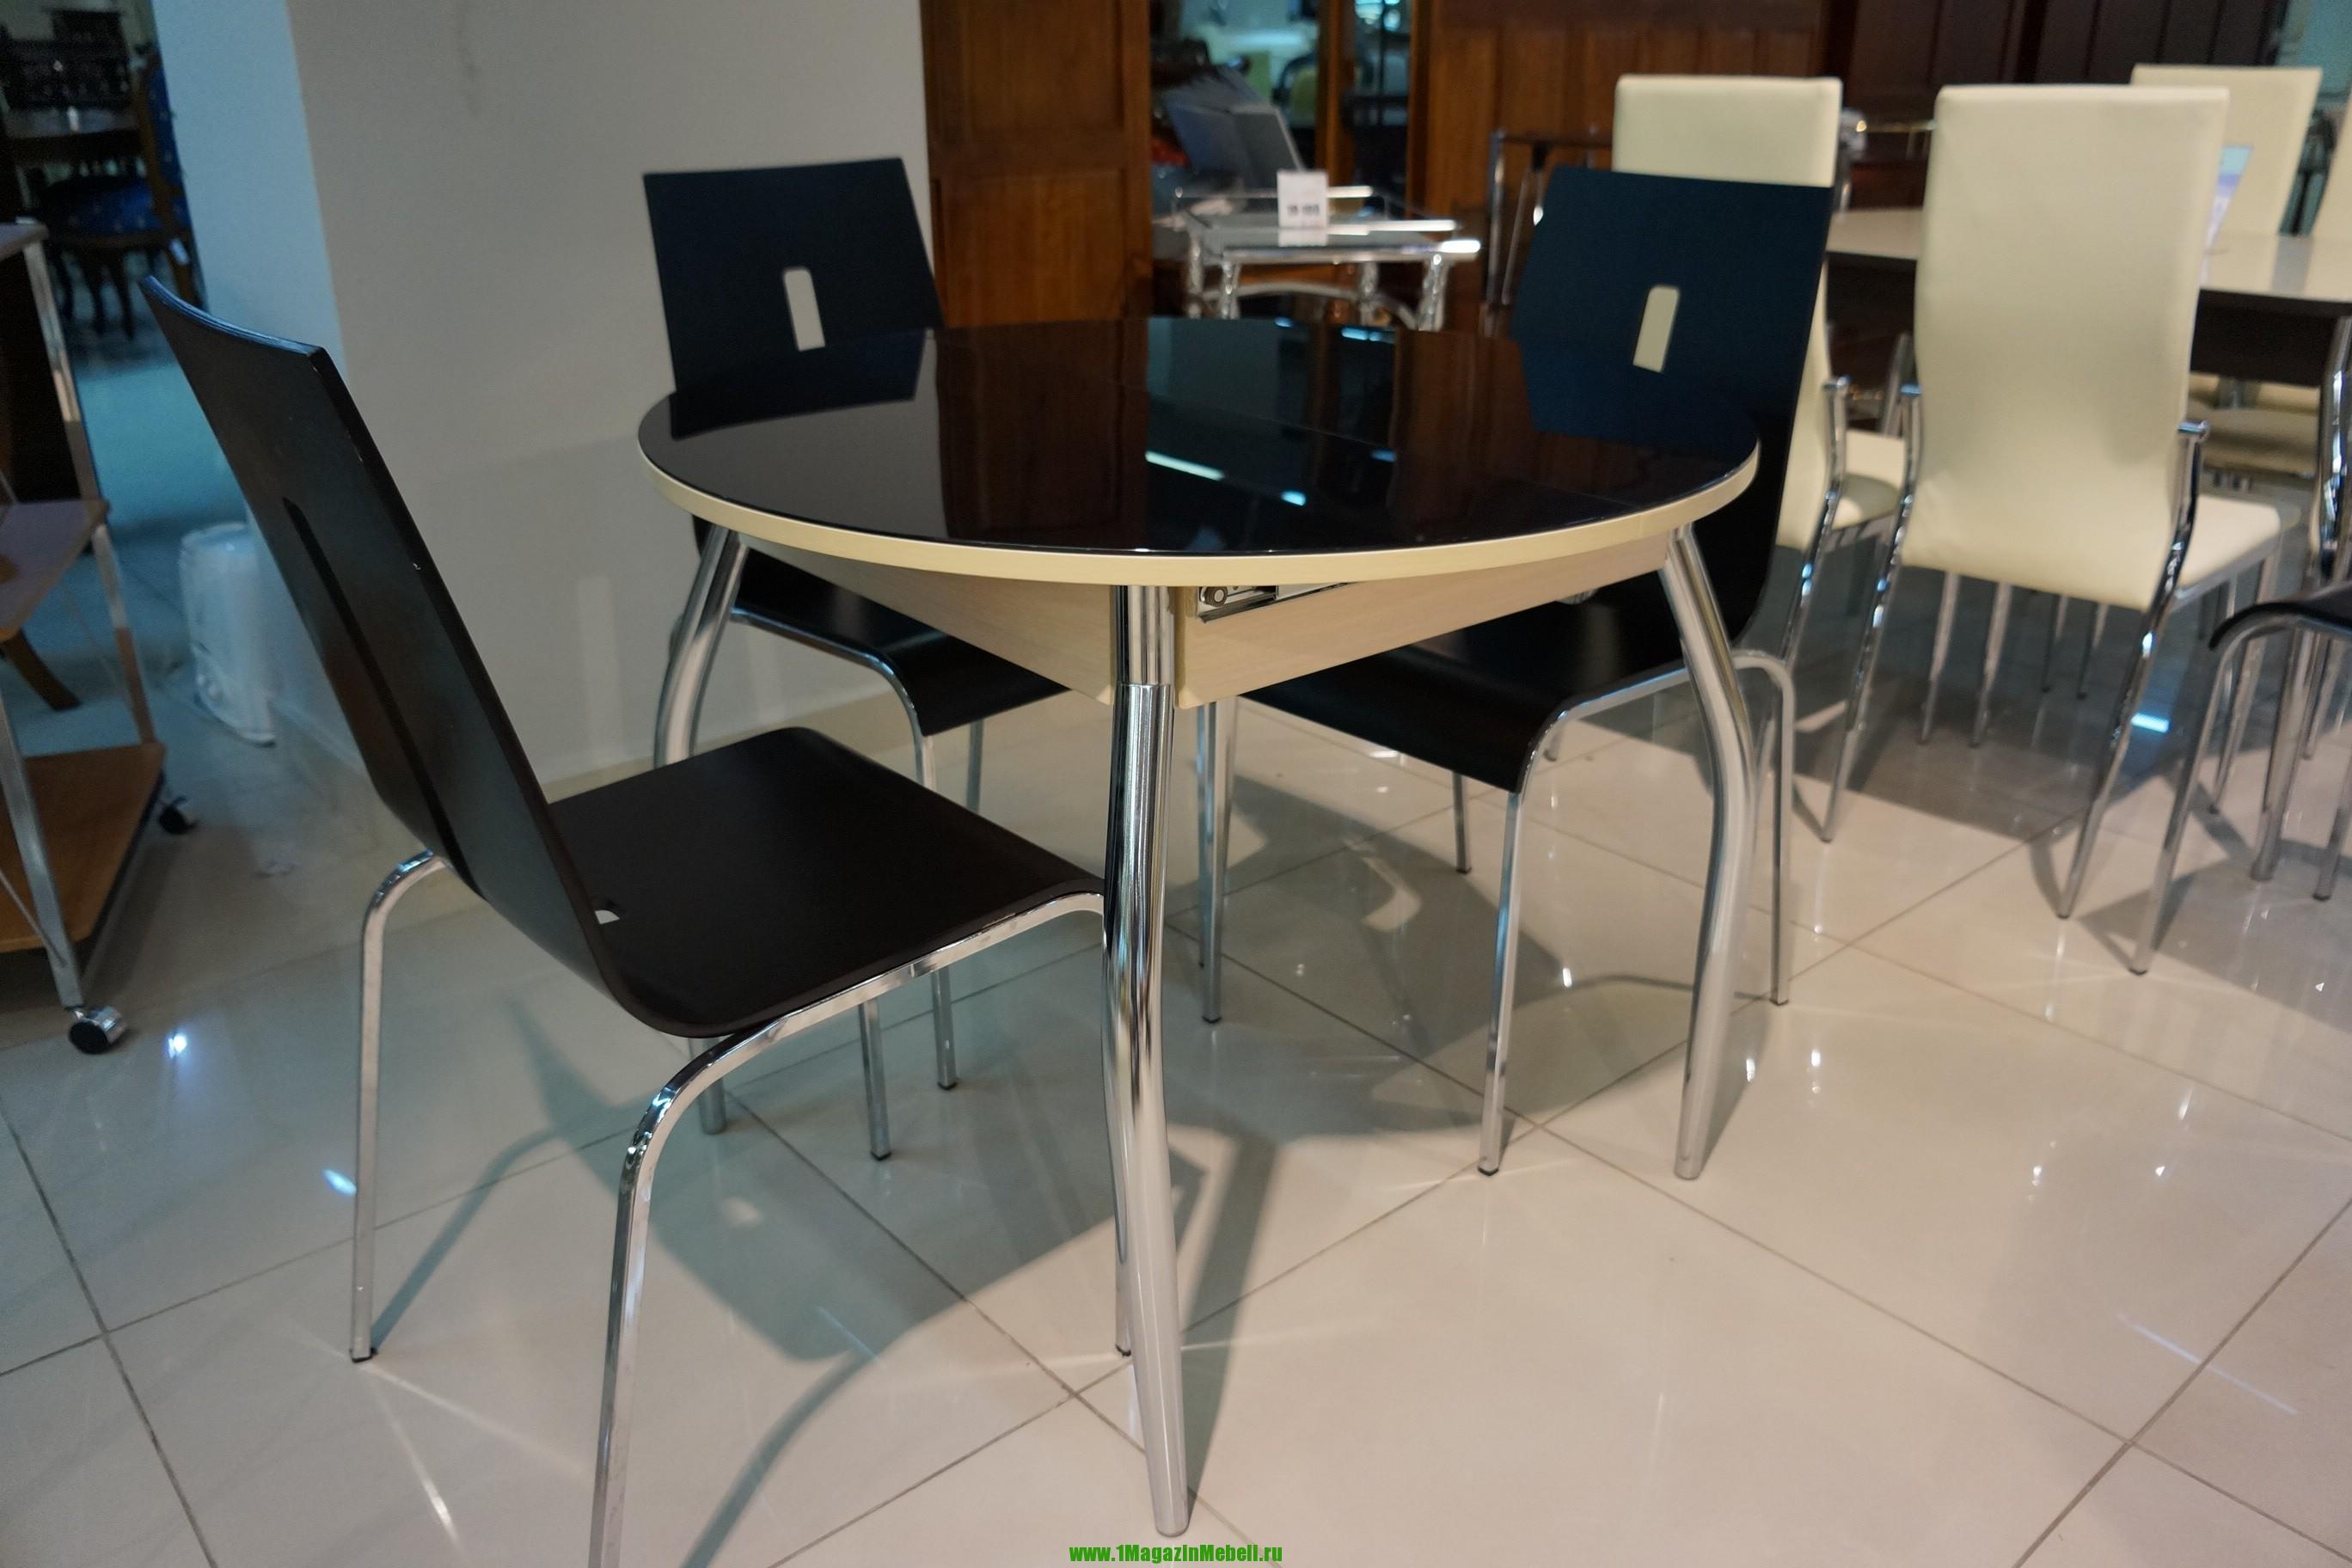 Круглый стол Гала-3 стеклянный, раздвижной, черный (арт. М4143)